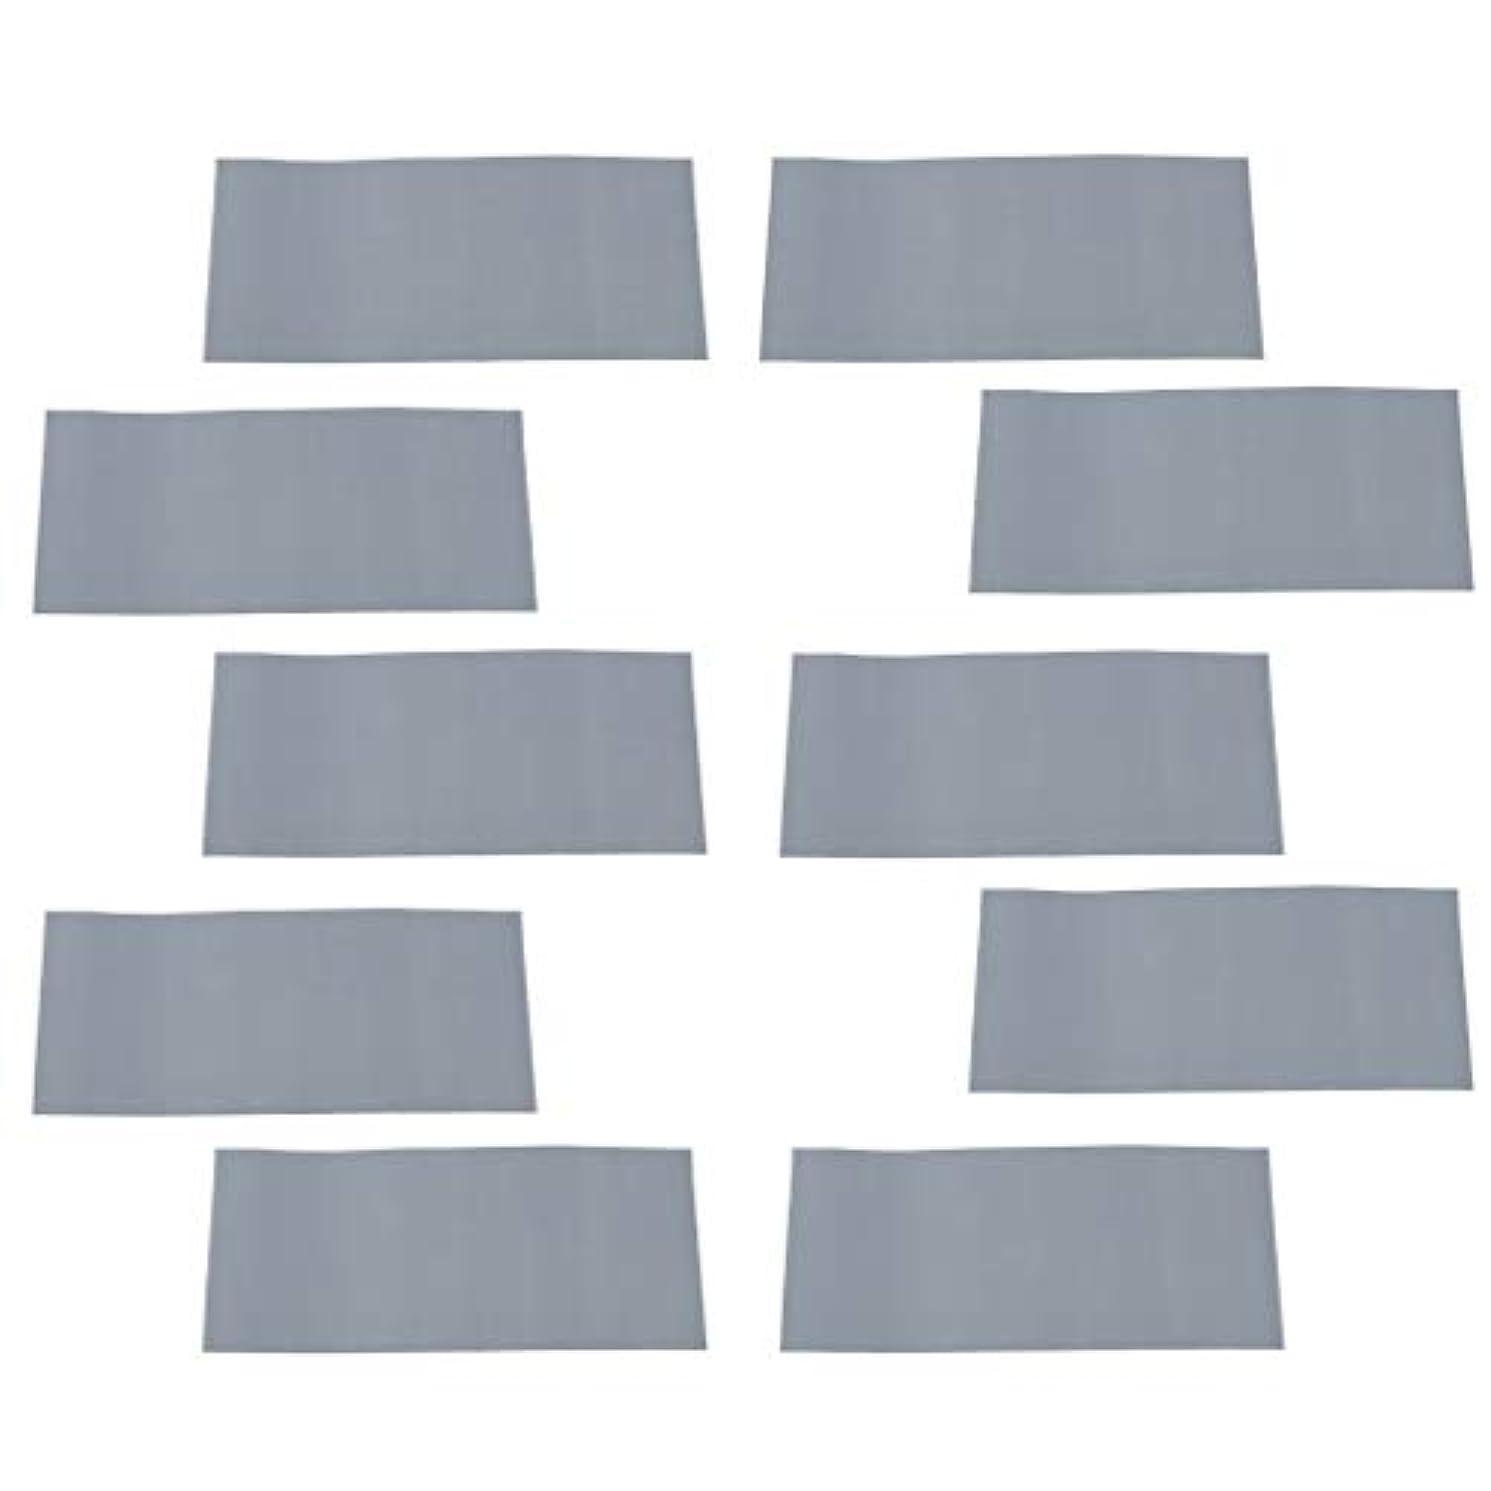 変更ホイップ影T TOOYFUL 10個 テント補修テープ 修復パッチ テント修復テープ